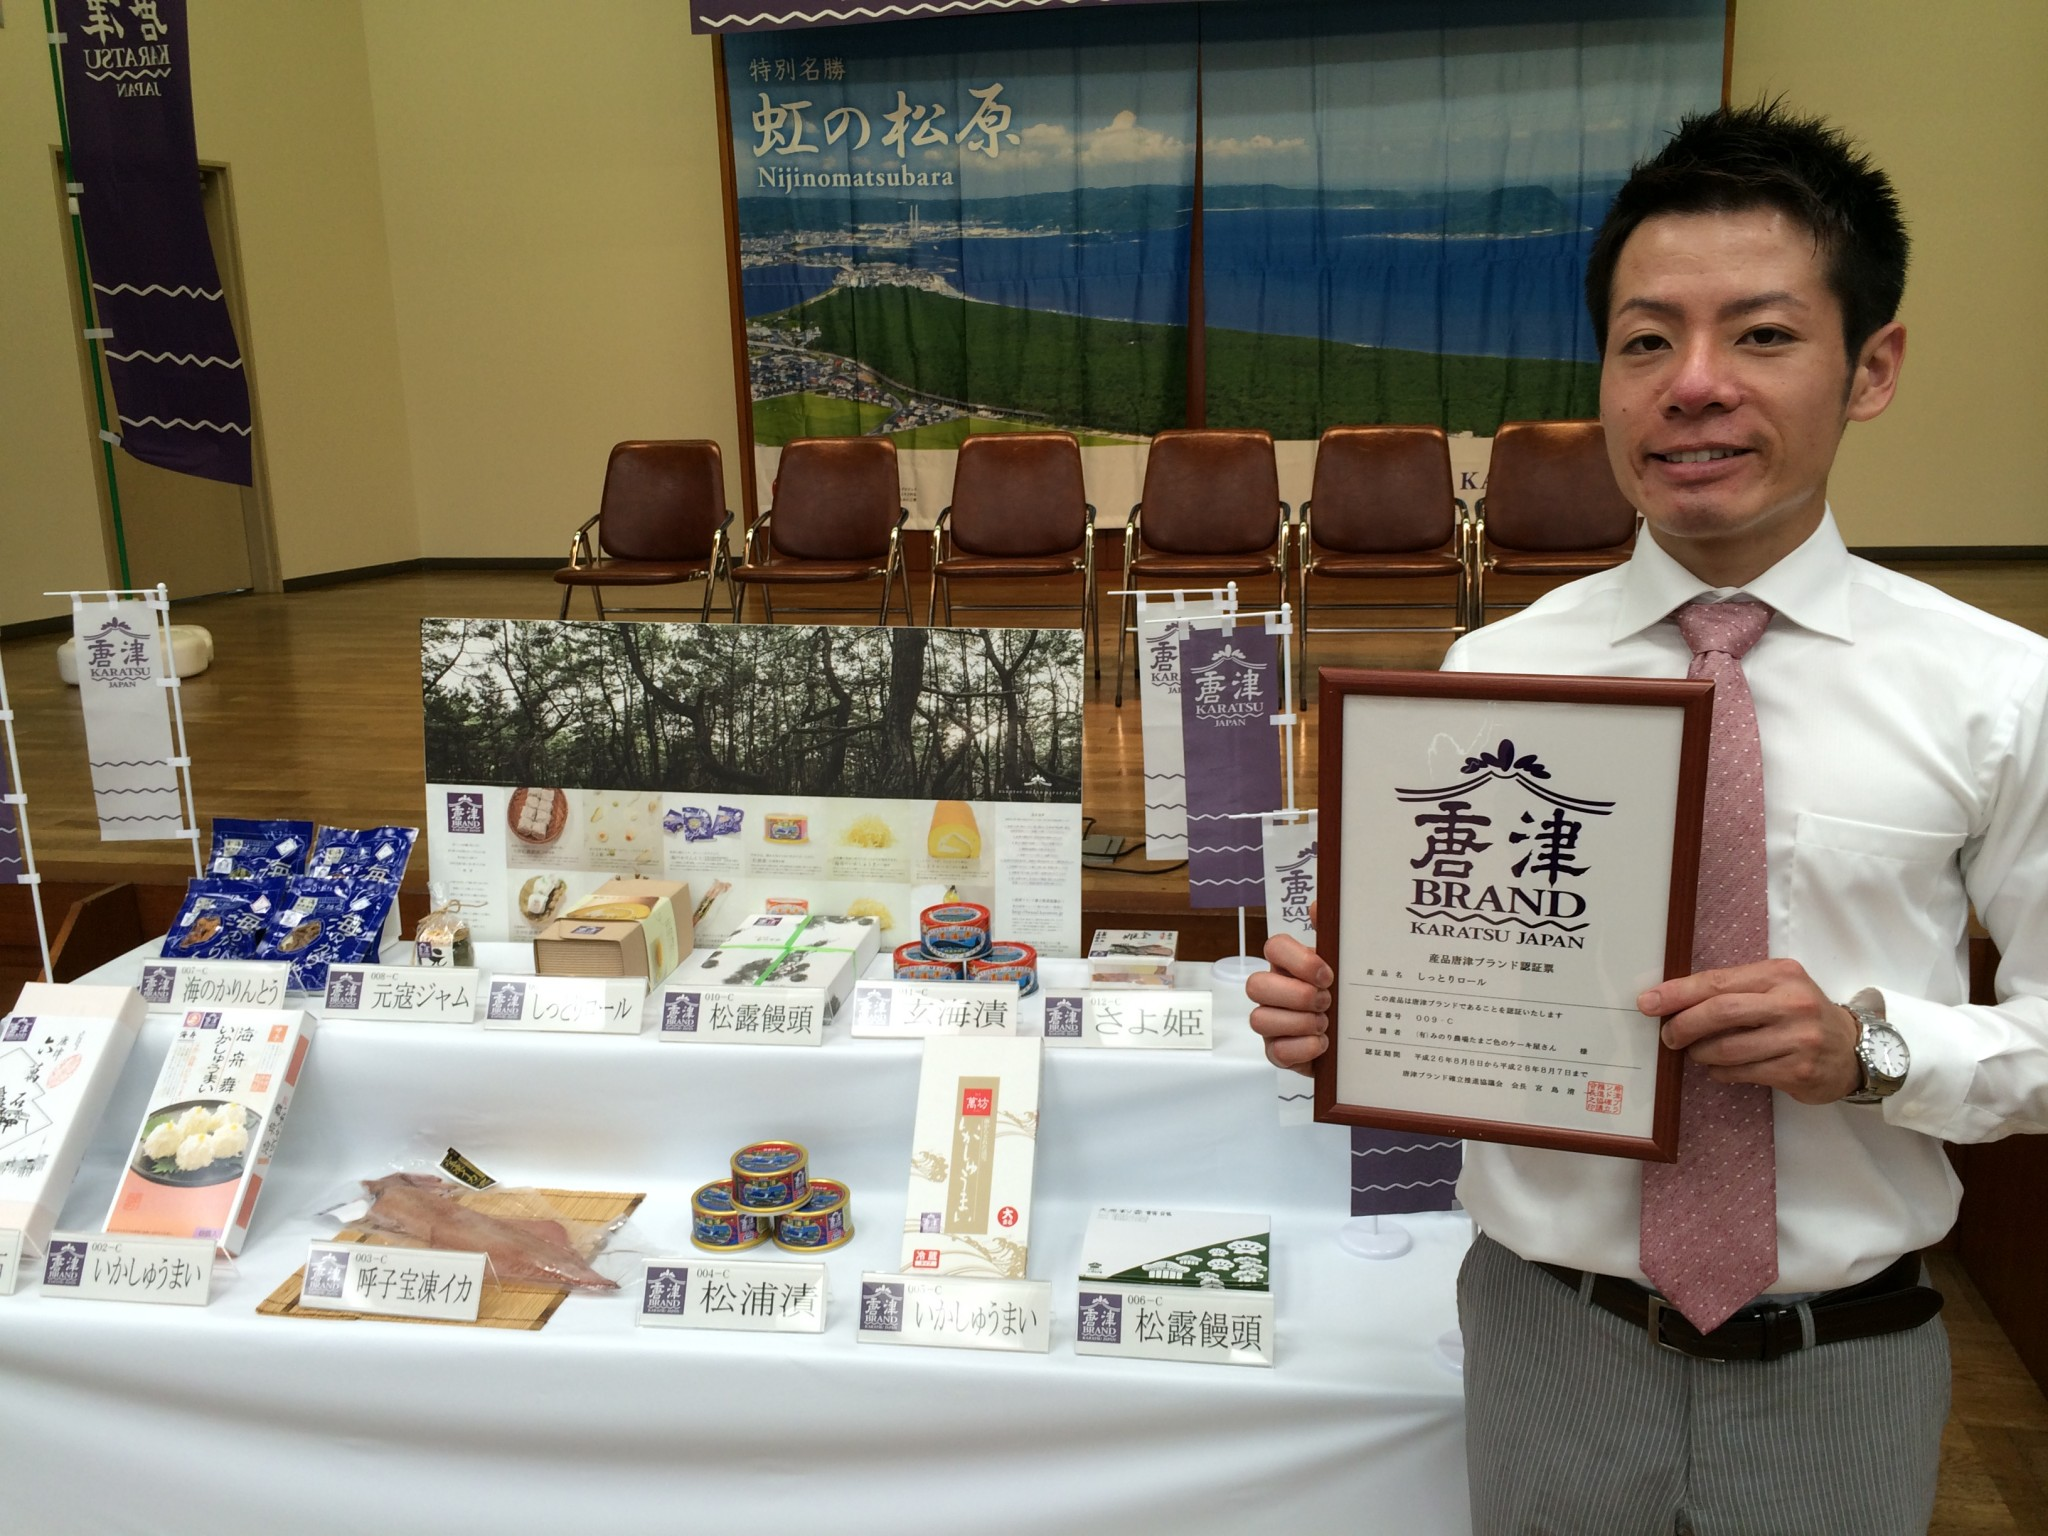 唐津ブランド認証授賞式にてたまご色のケーキ屋さんの麻生真司(^_^)